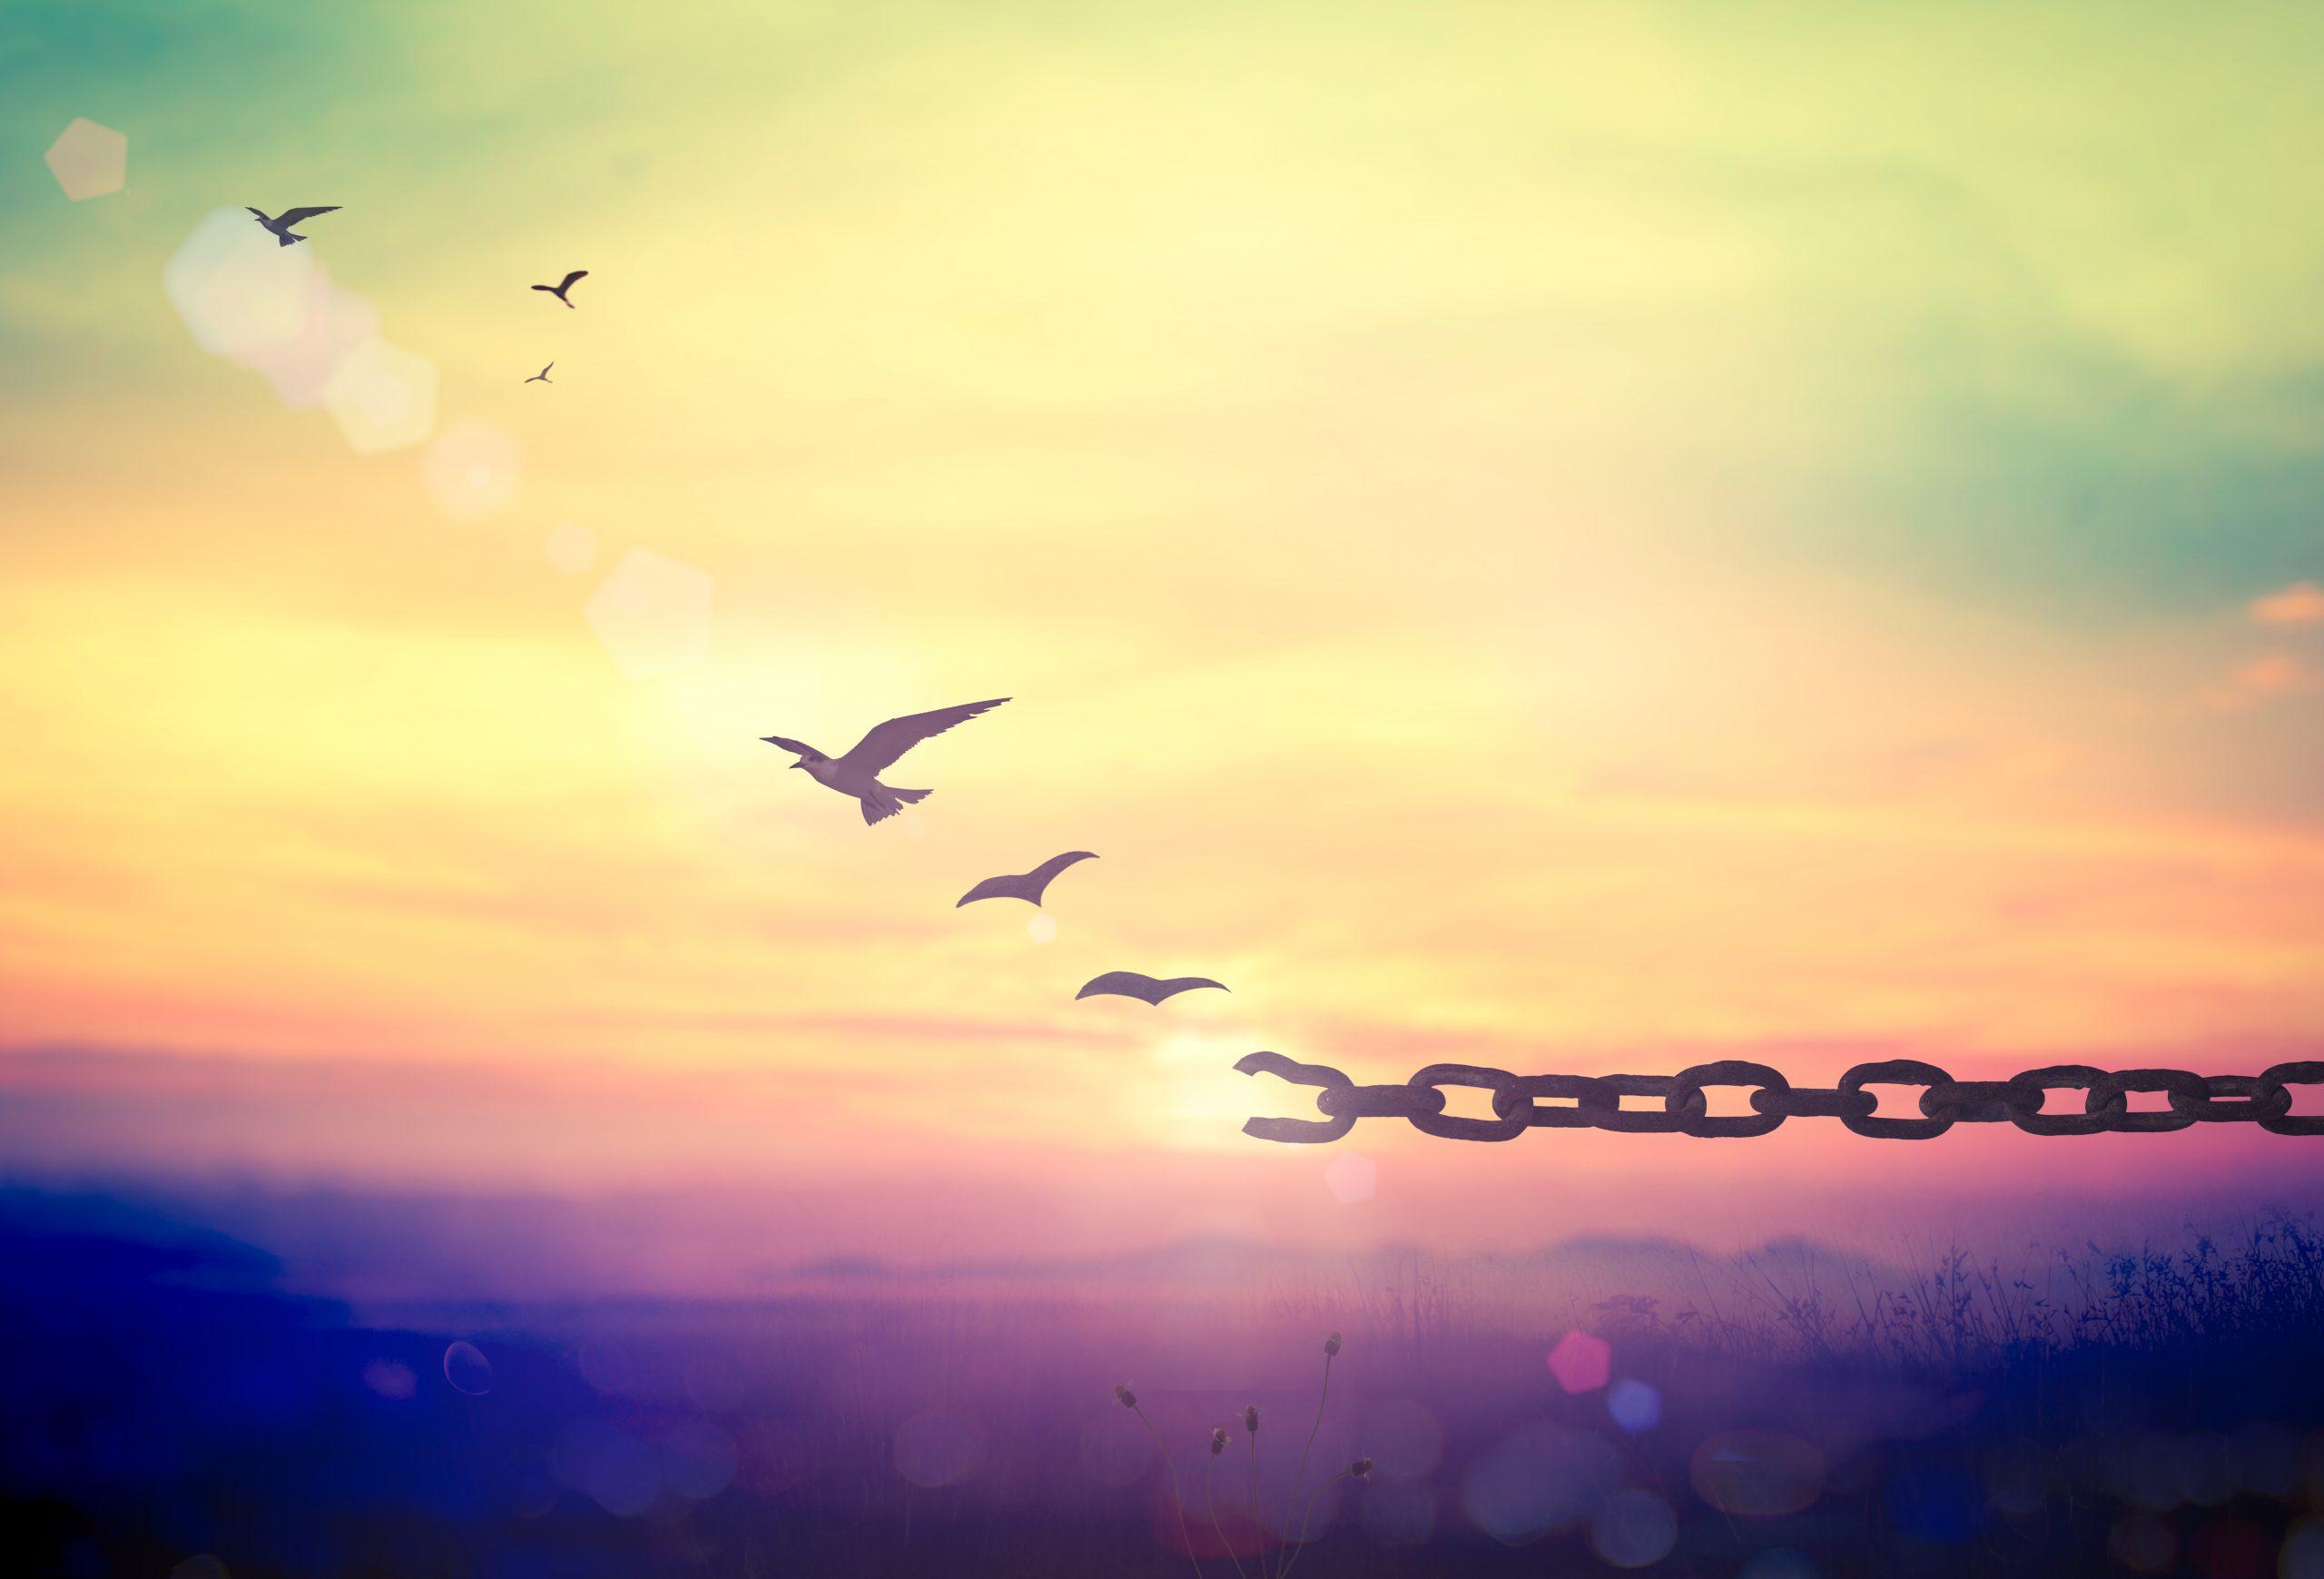 #אקרופוליסמהבית   הרצאות און ליין – מעבדות לחירות